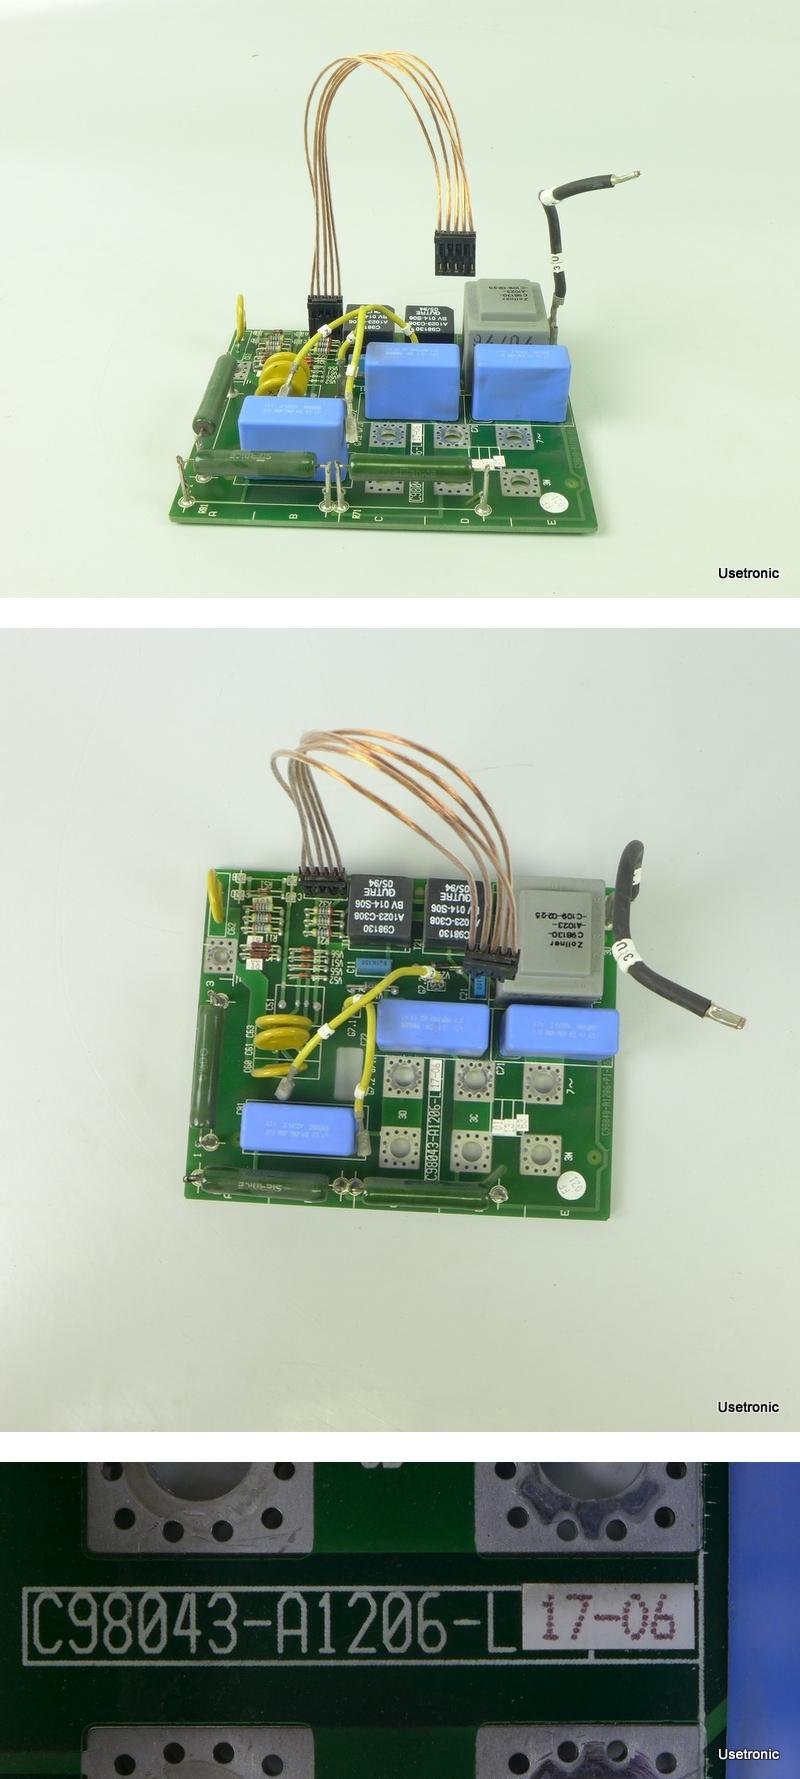 Siemens C98043-A1206-L